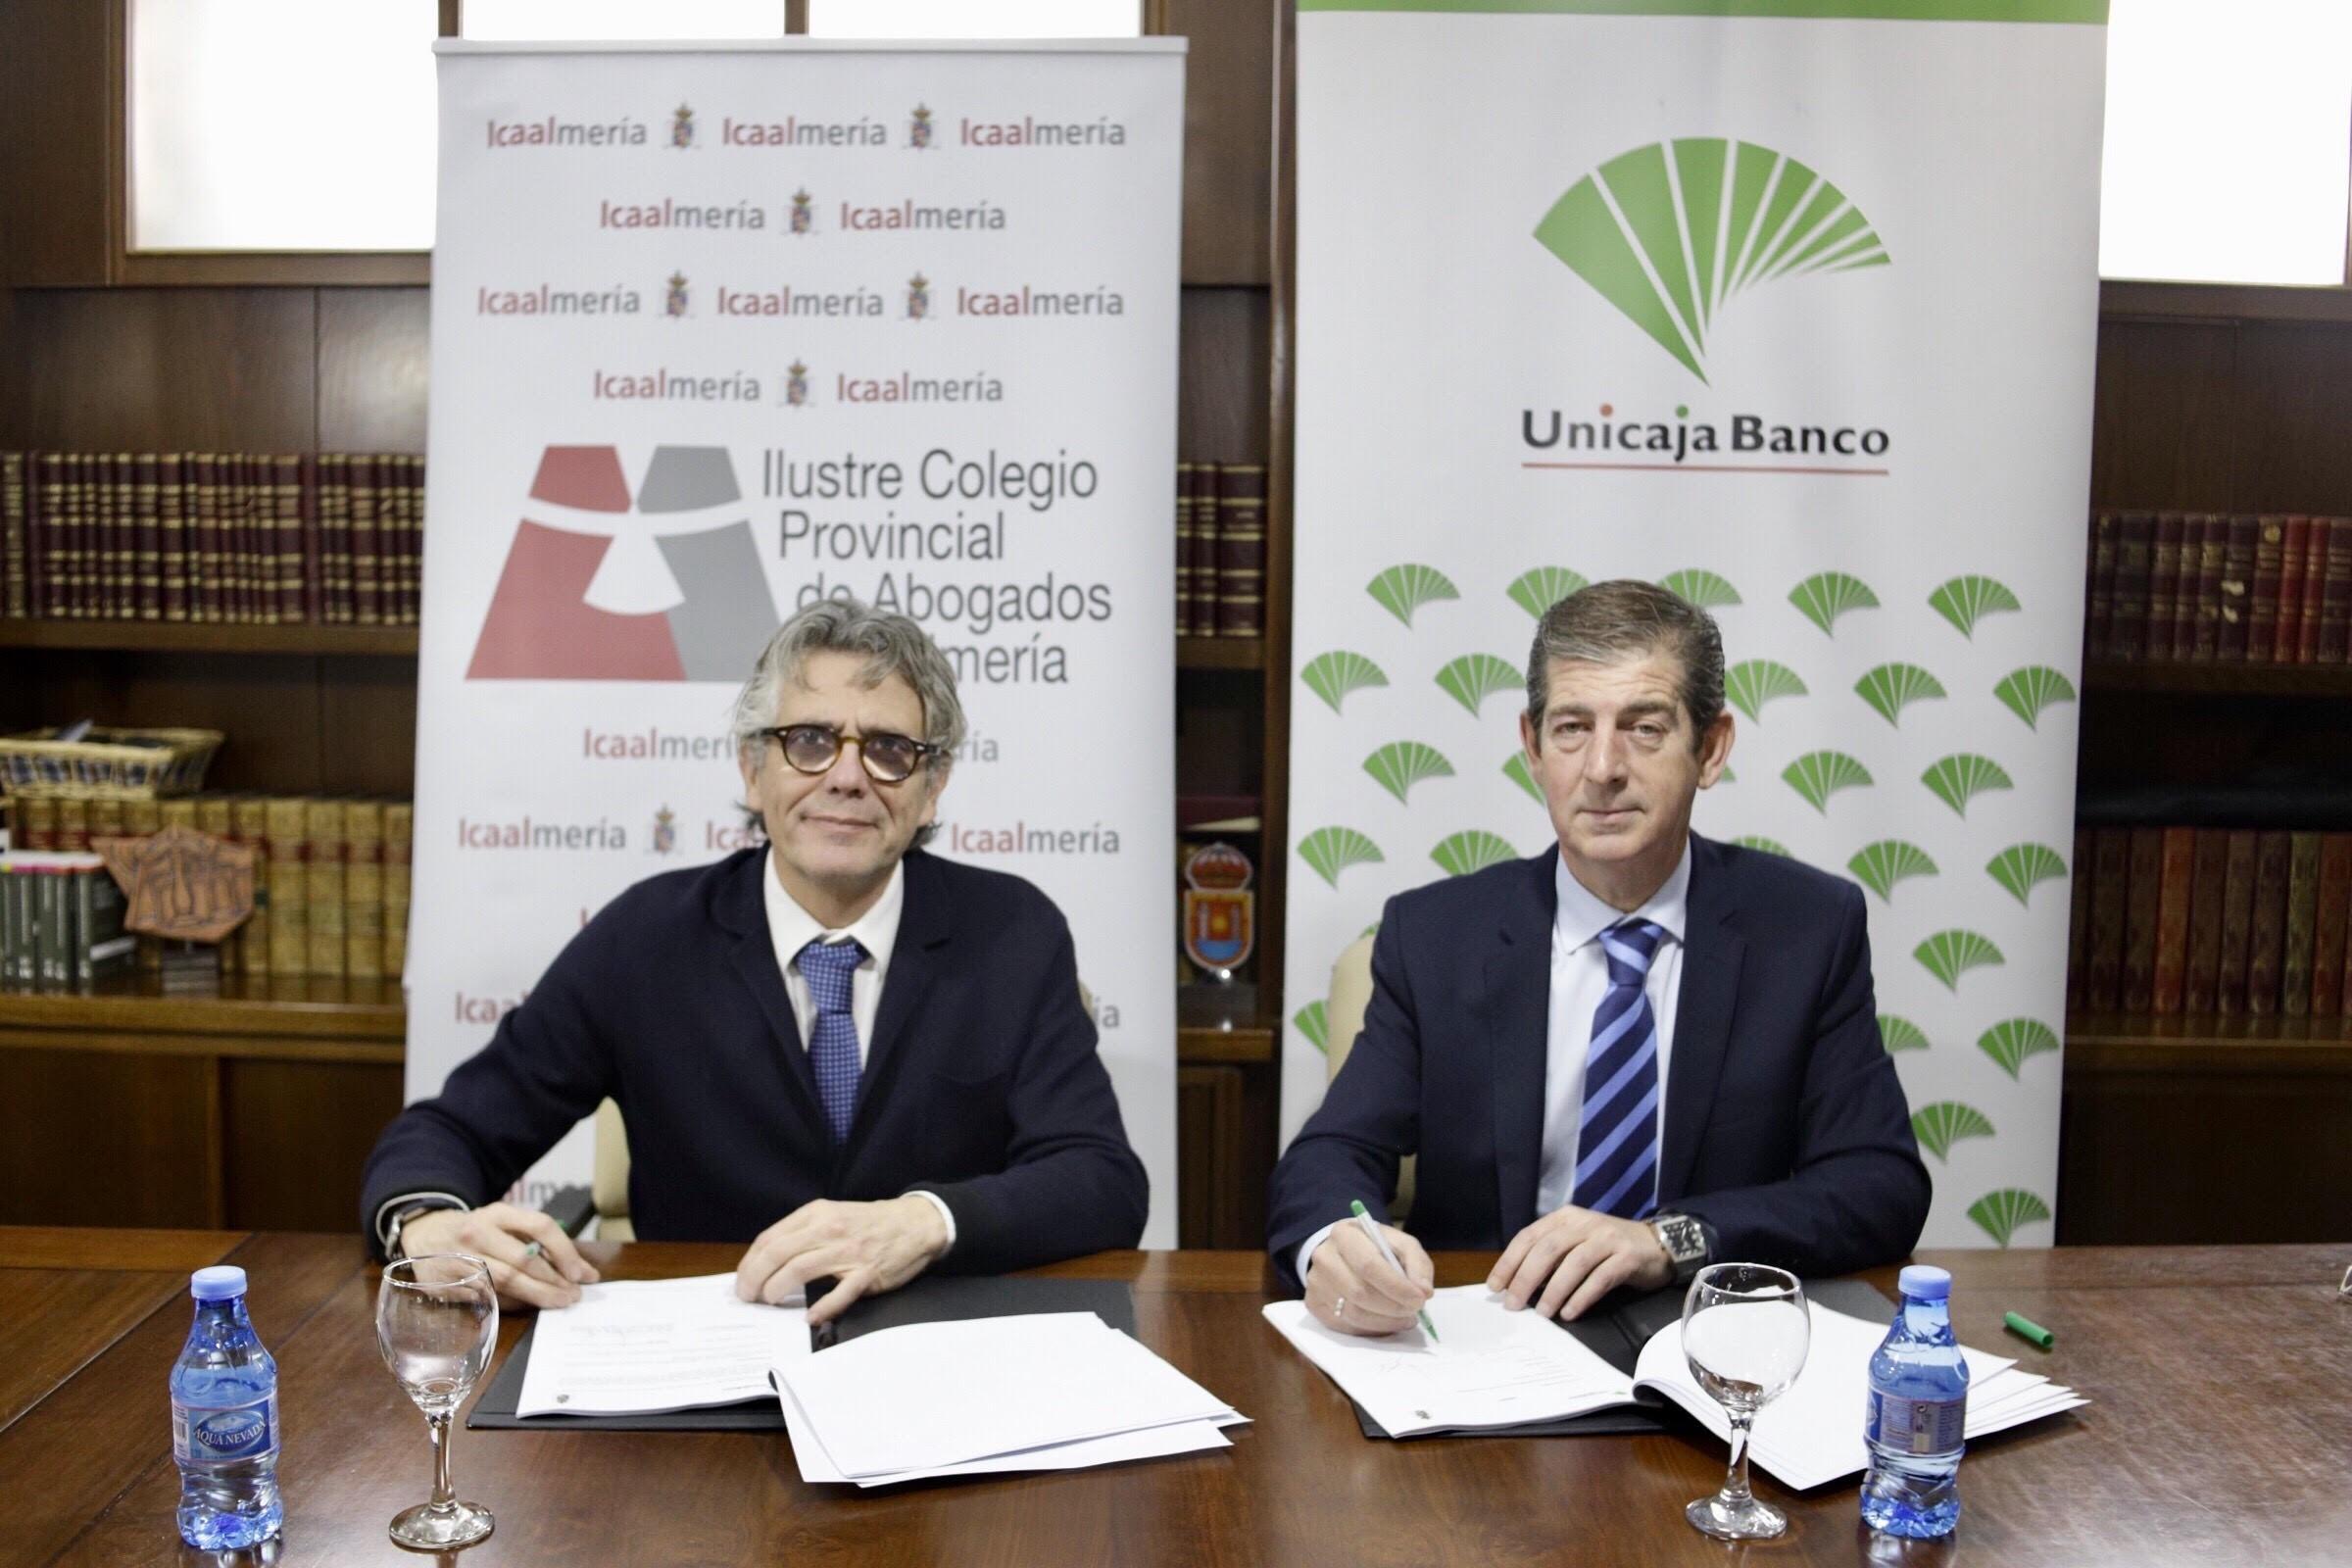 Unicaja Banco y el Colegio de Abogados de Almería renuevan su colaboración